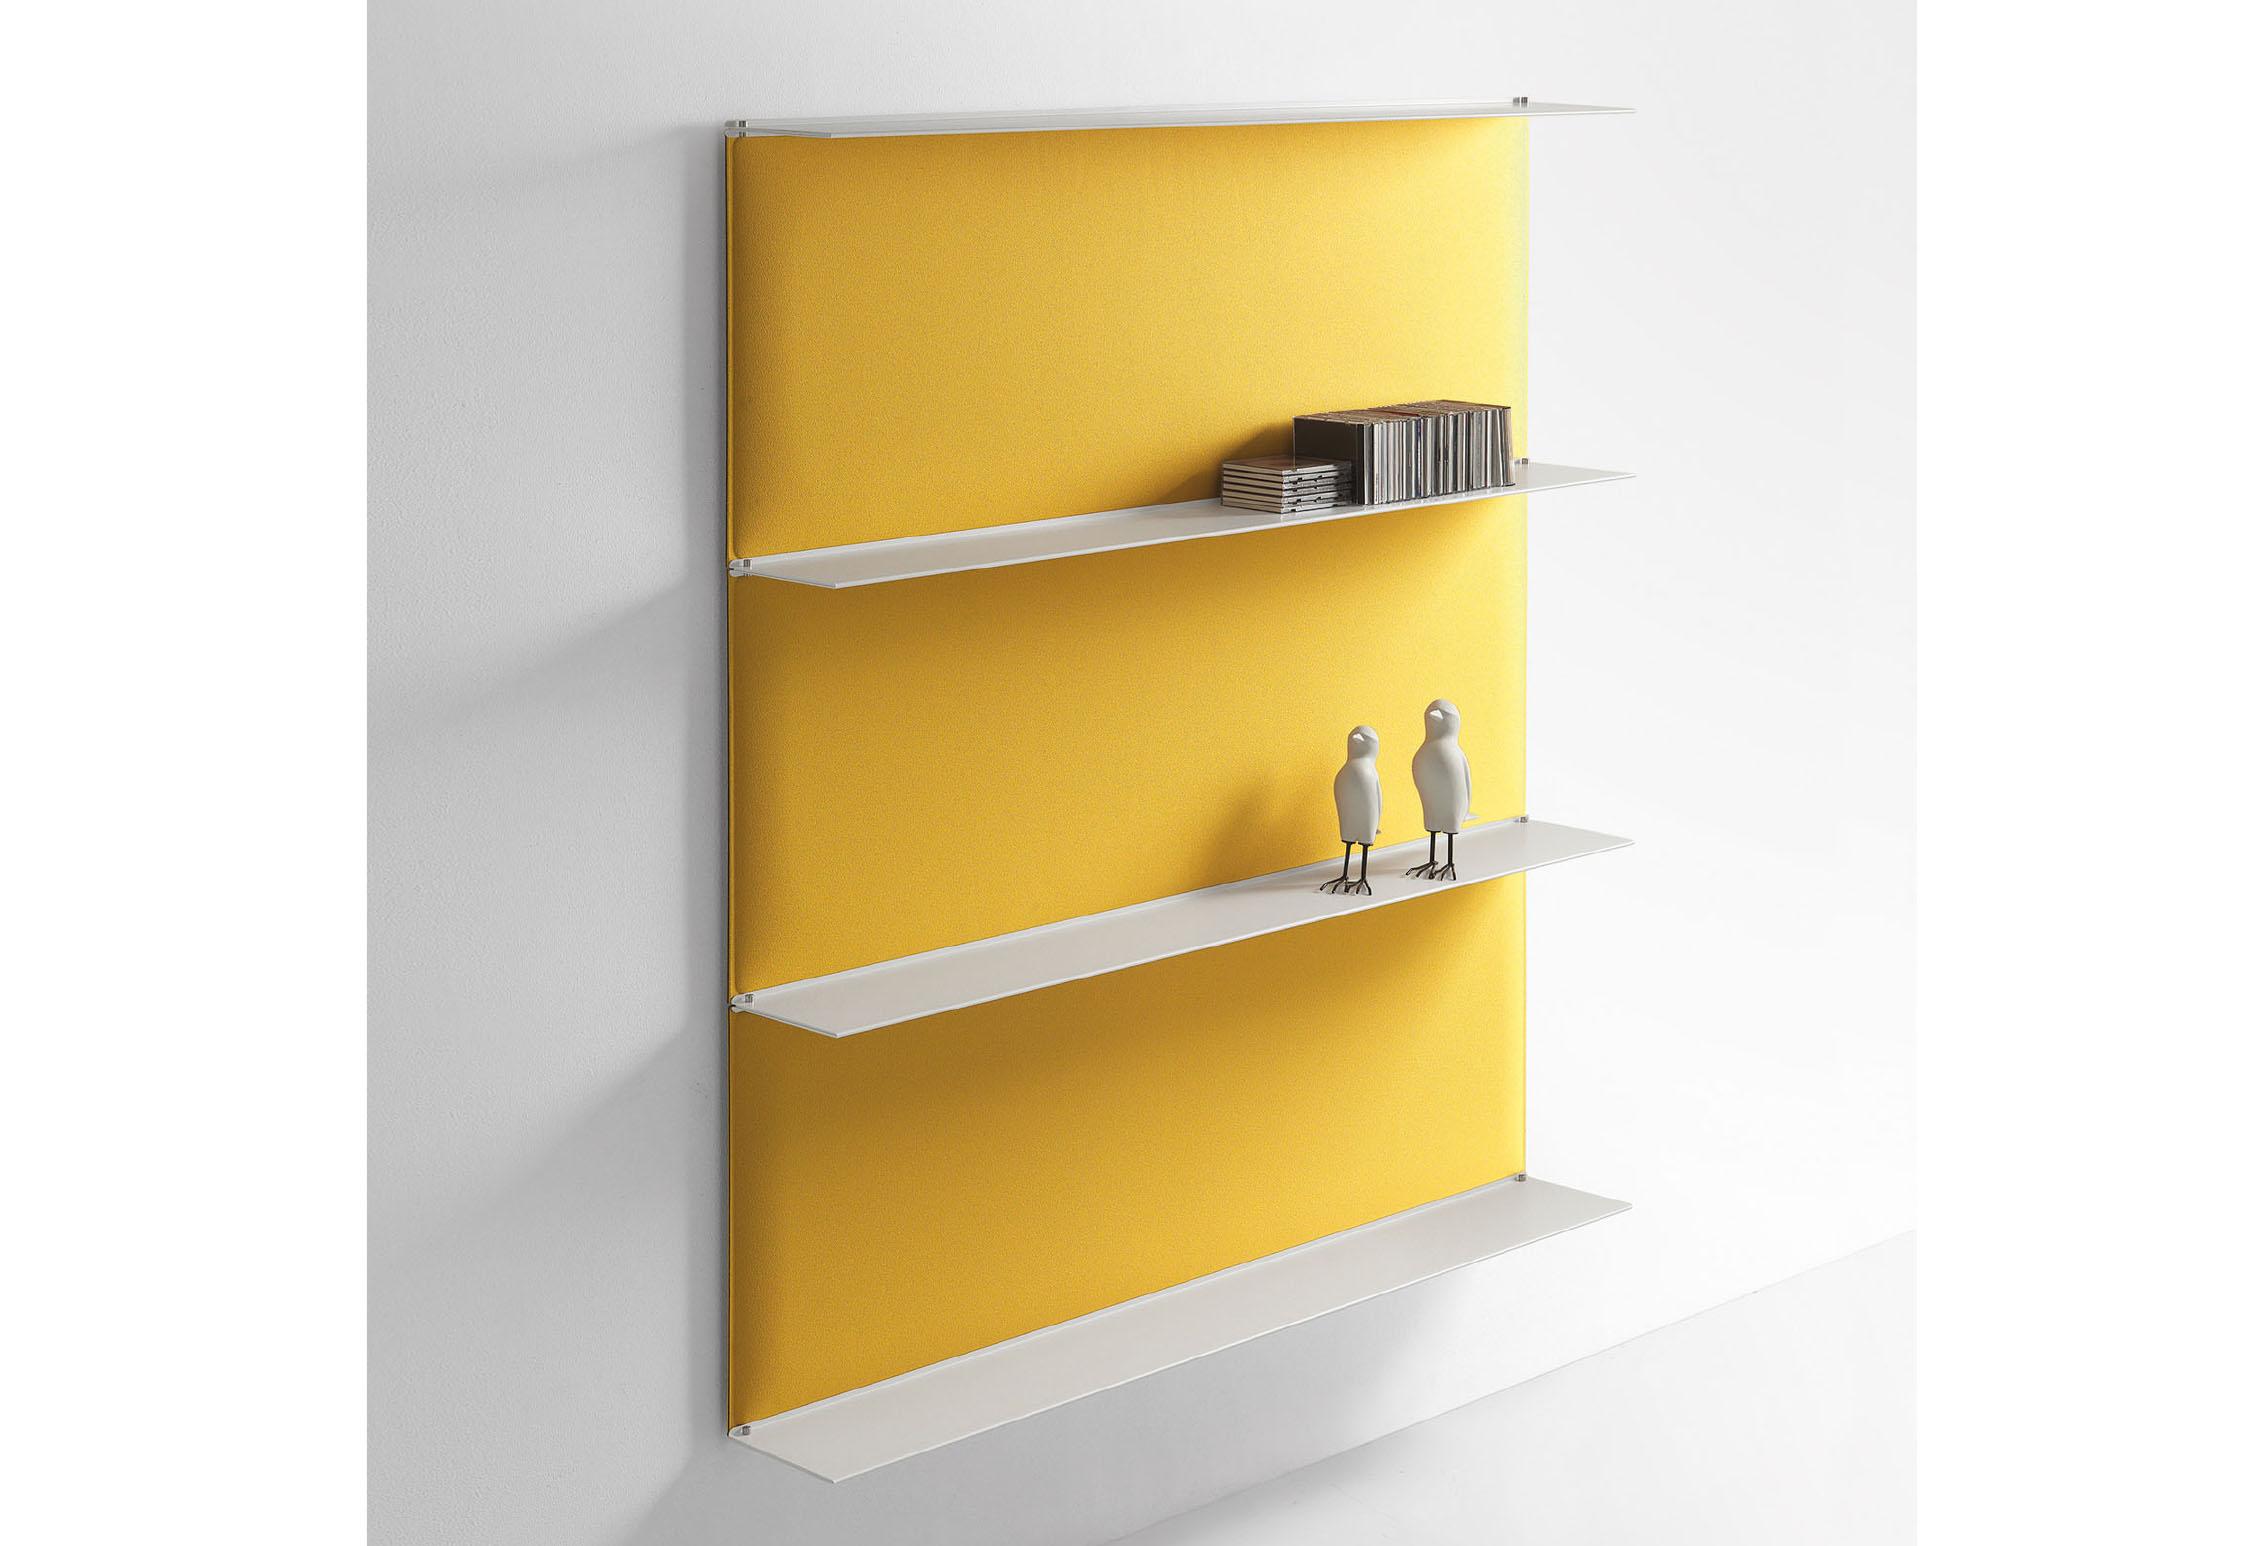 Caimi Blade Wall - Gamme de panneaux acoustiques muraux type étagère